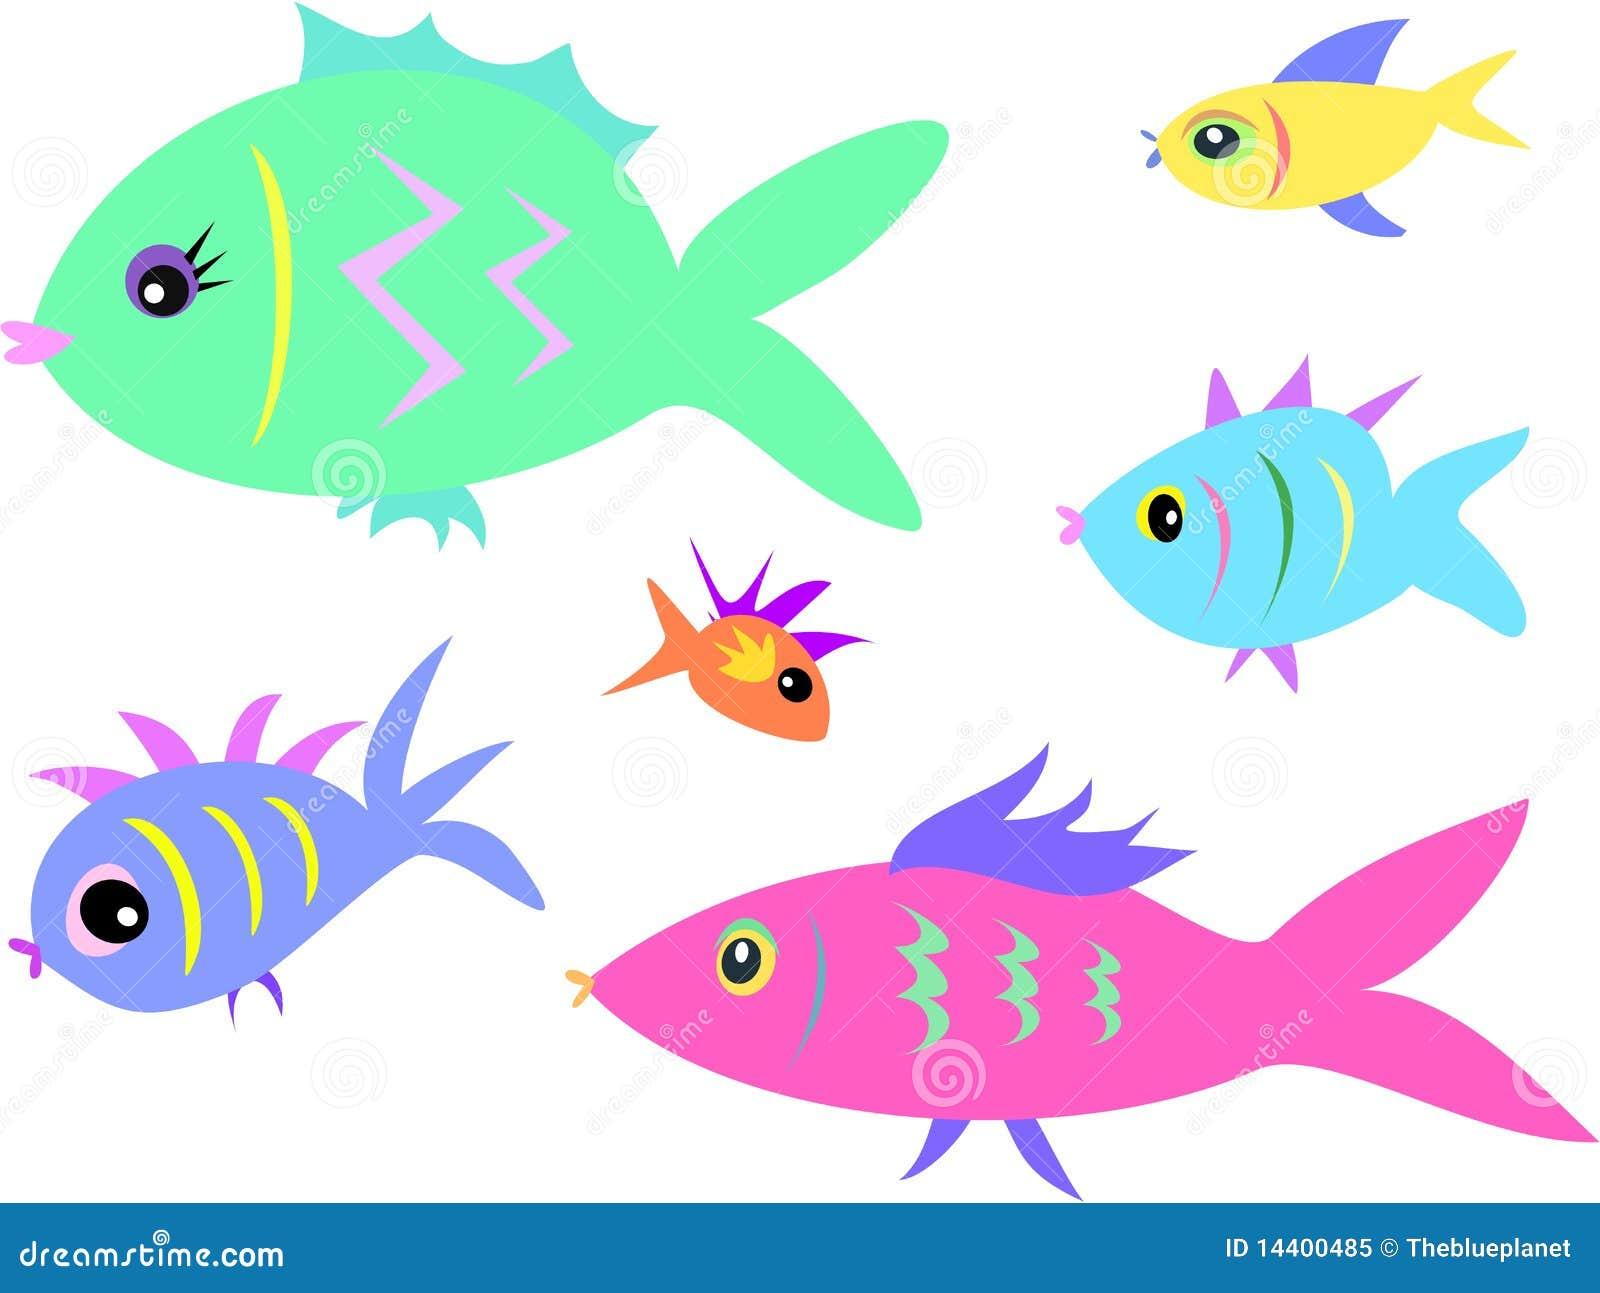 Groß Fische Färben Bilder Bilder - Malvorlagen Von Tieren - ngadi.info